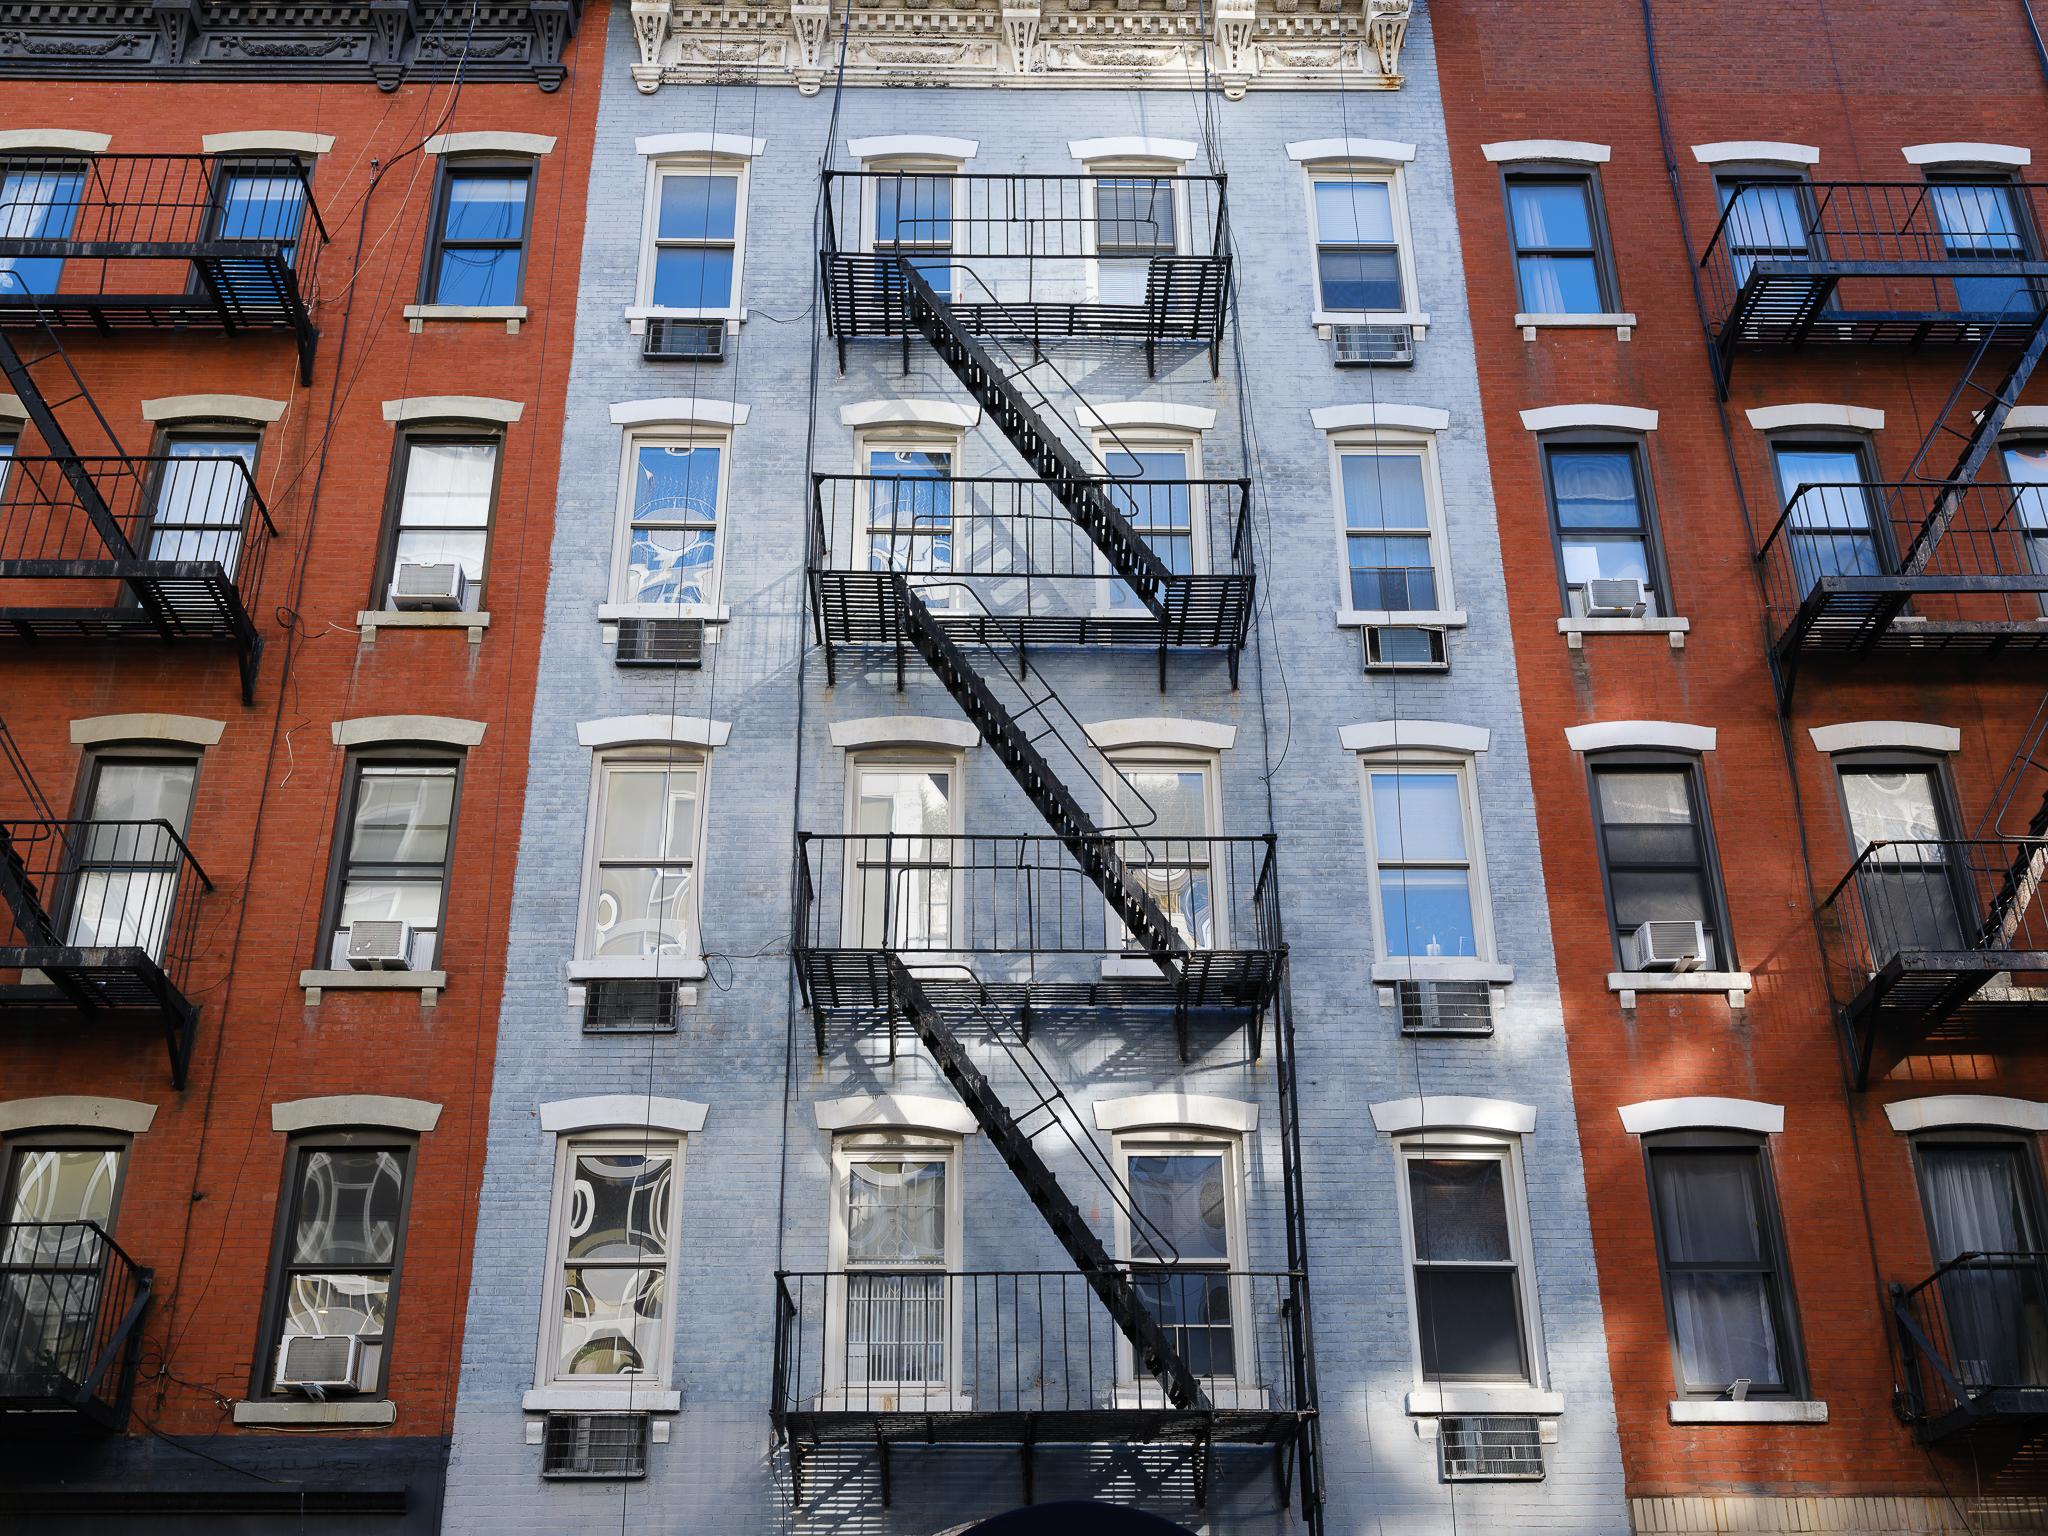 a photo of classic new york architecture fujifilm gfx 100s